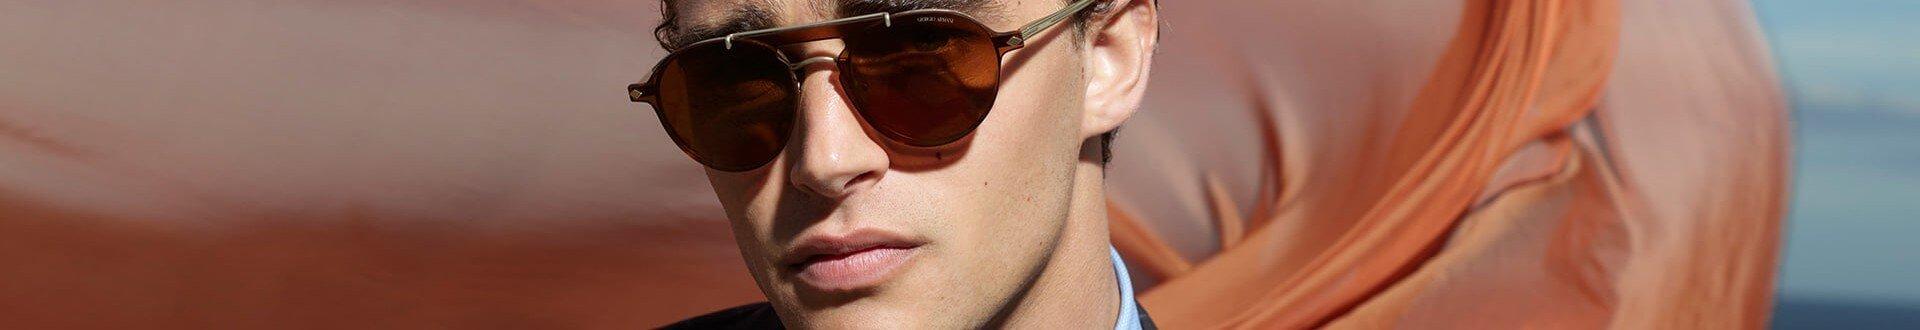 Óculos de sol Giorgio Armani masculino, no formato aviador com lentes marrons